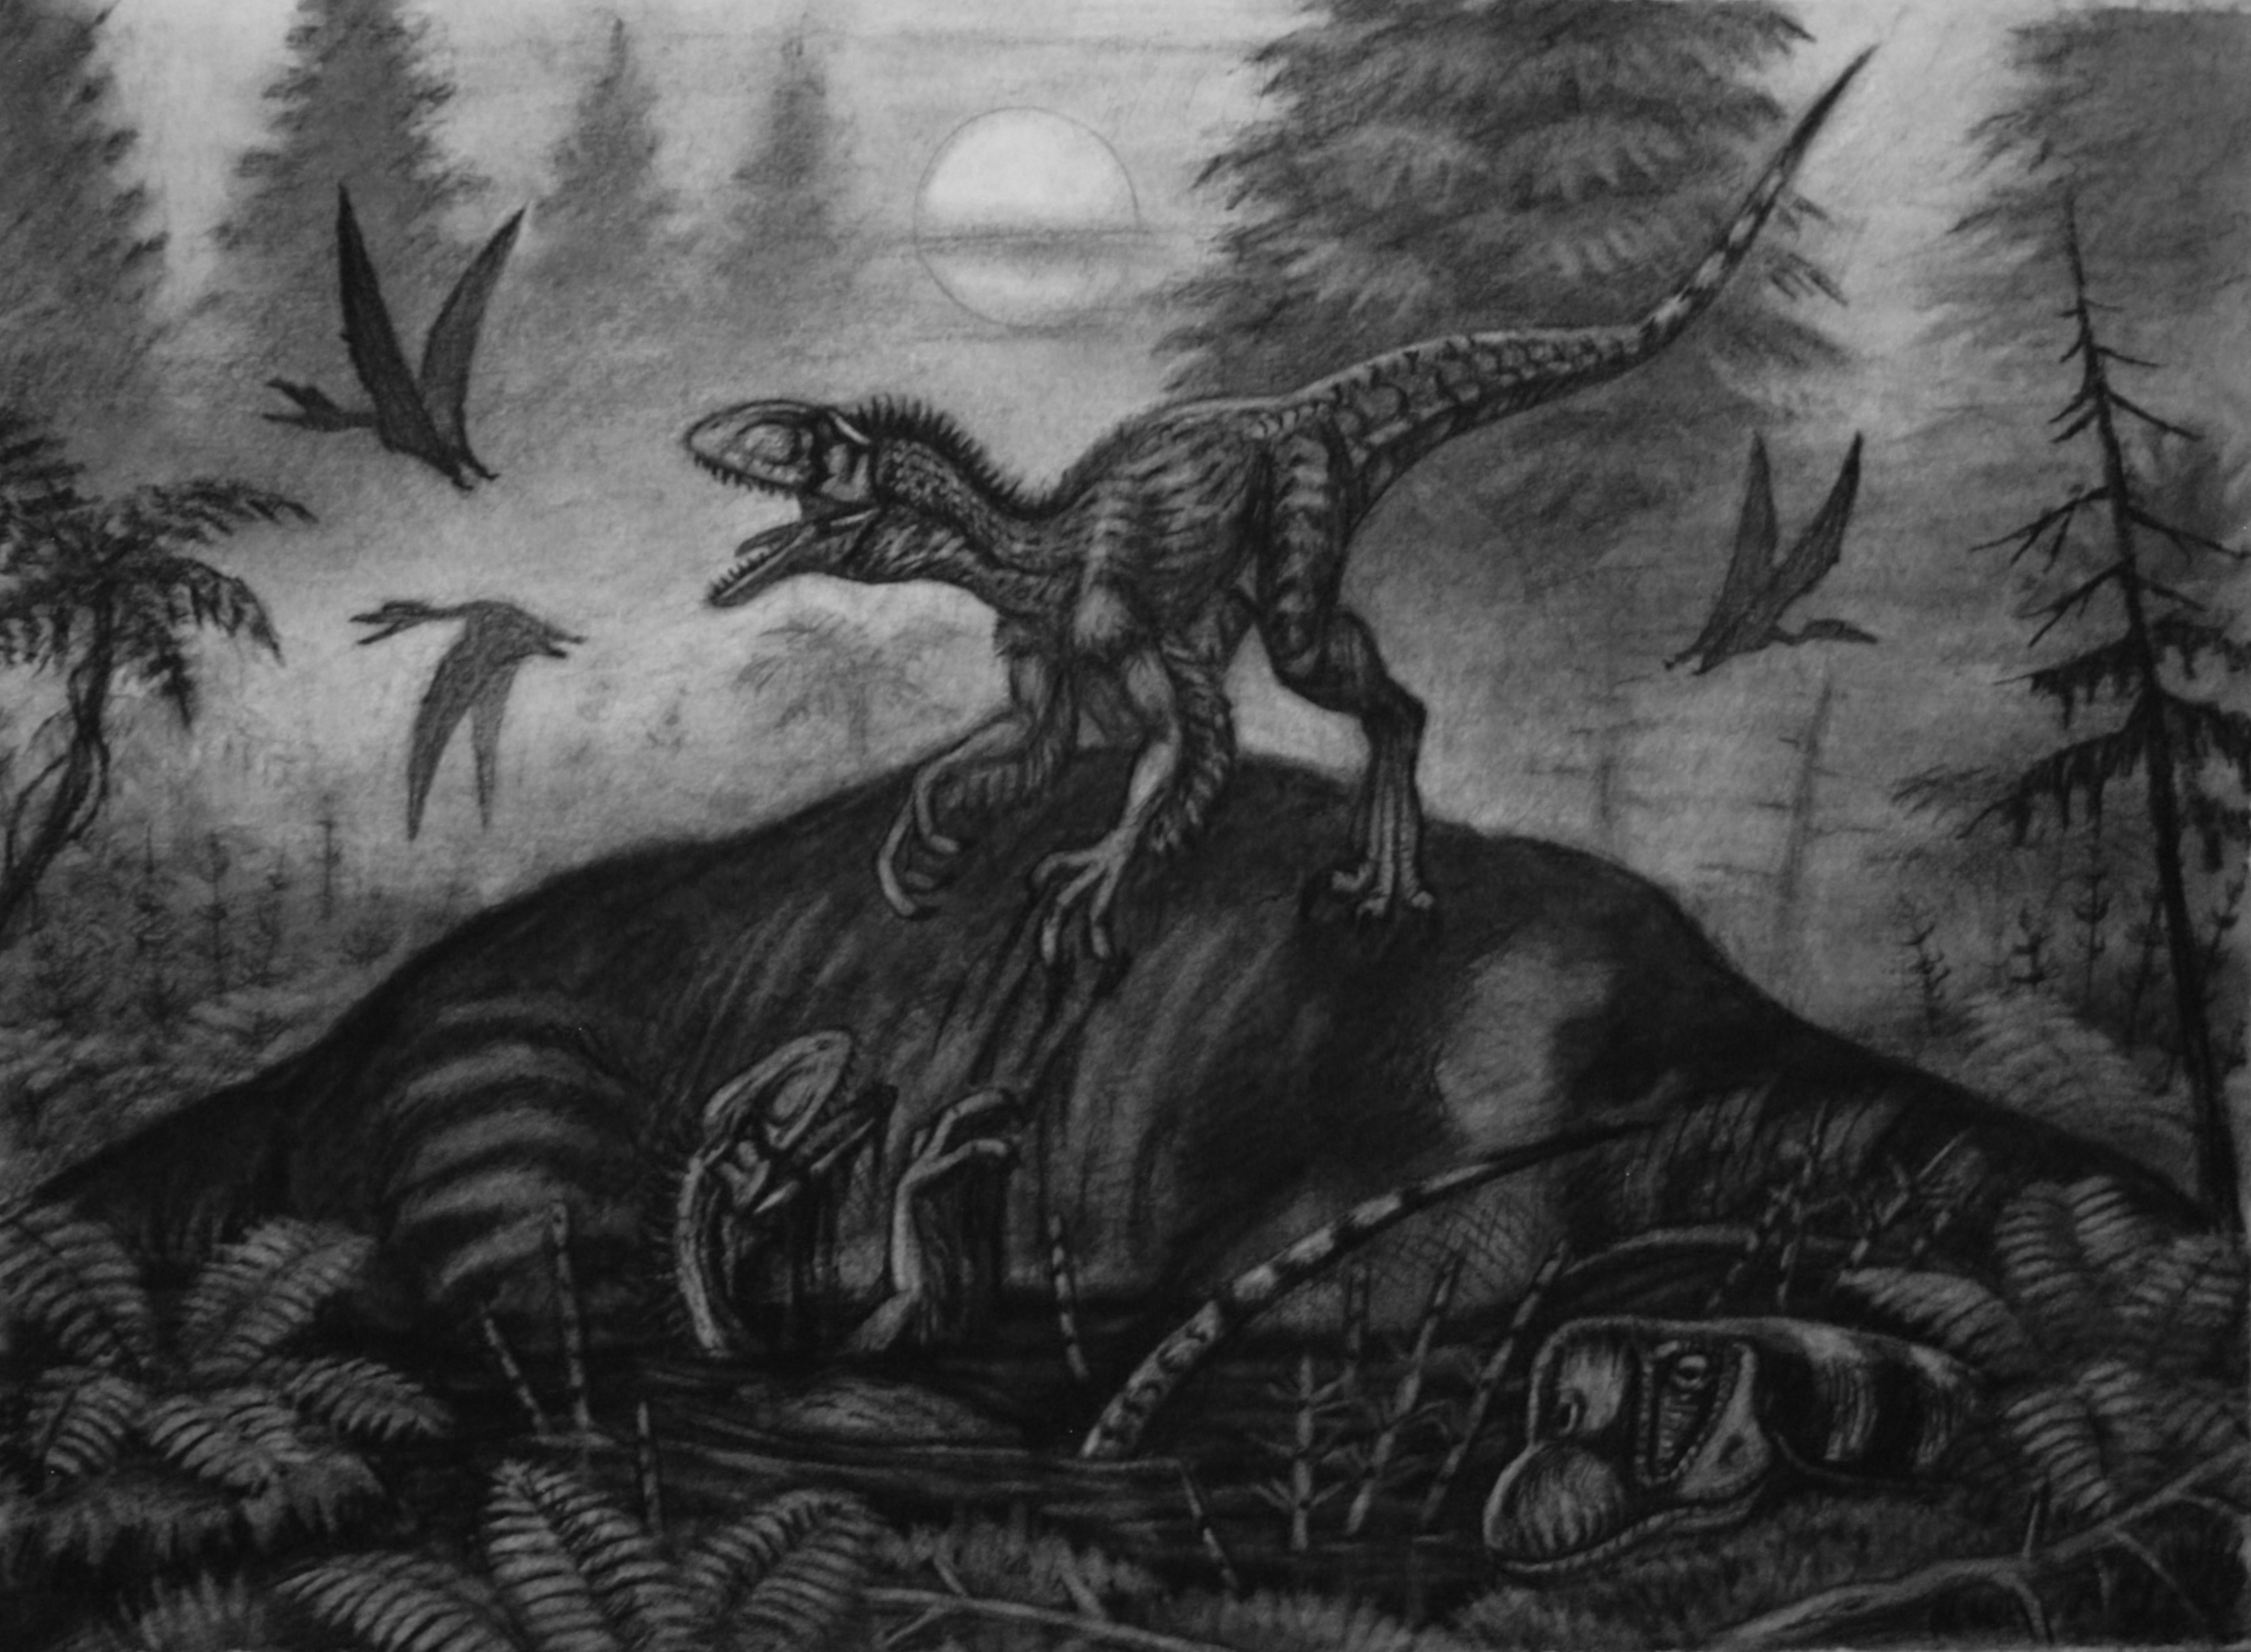 Dientes-garras-mortíferas-cazar